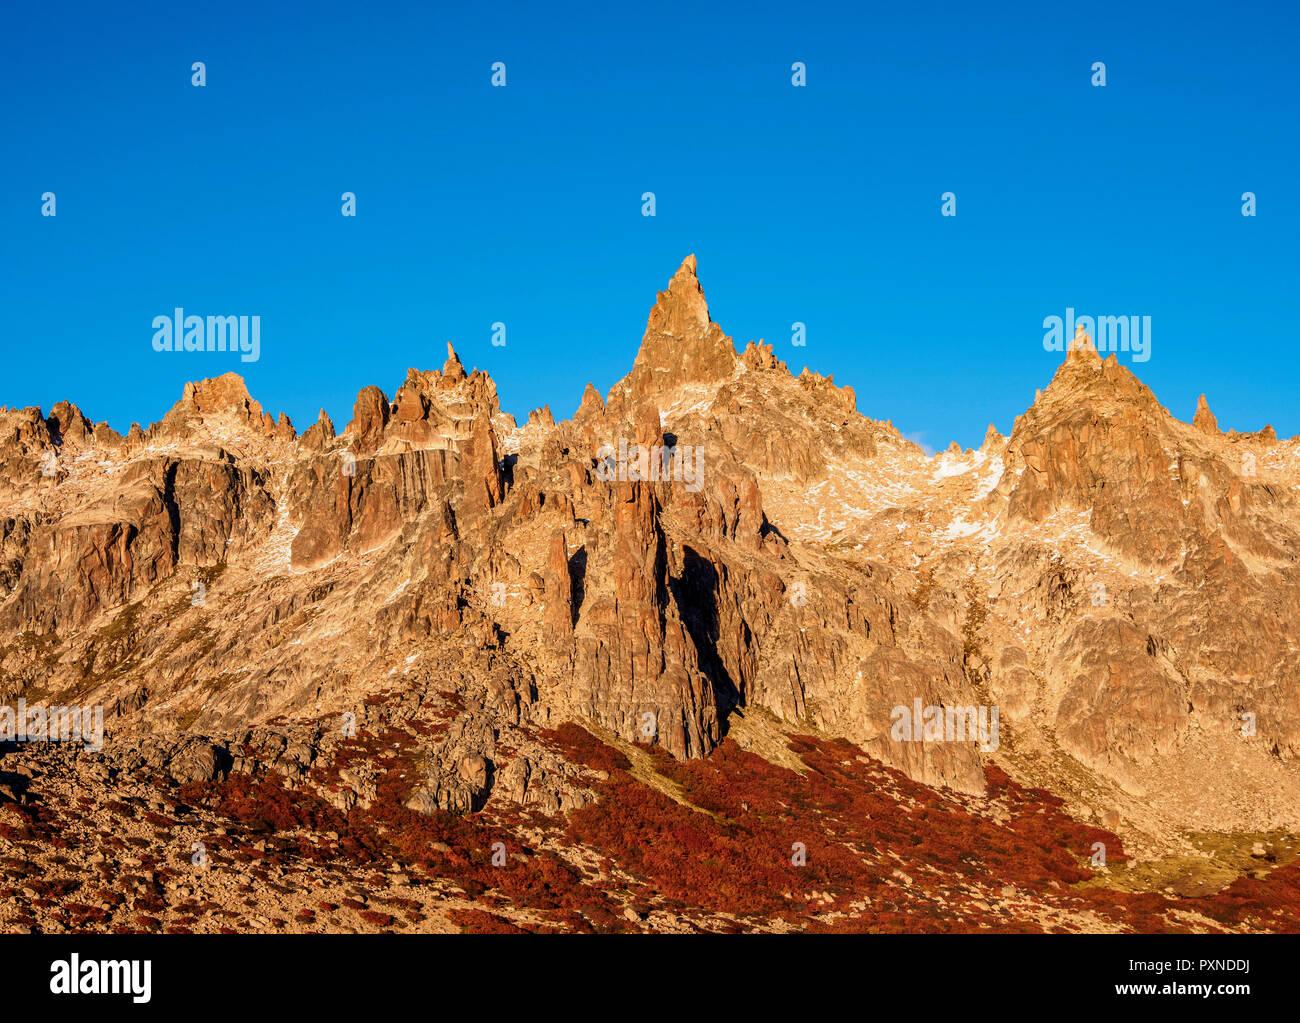 Cerro Catedral, Parco Nazionale Nahuel Huapi, Rio Negro Provincia, Argentina Immagini Stock